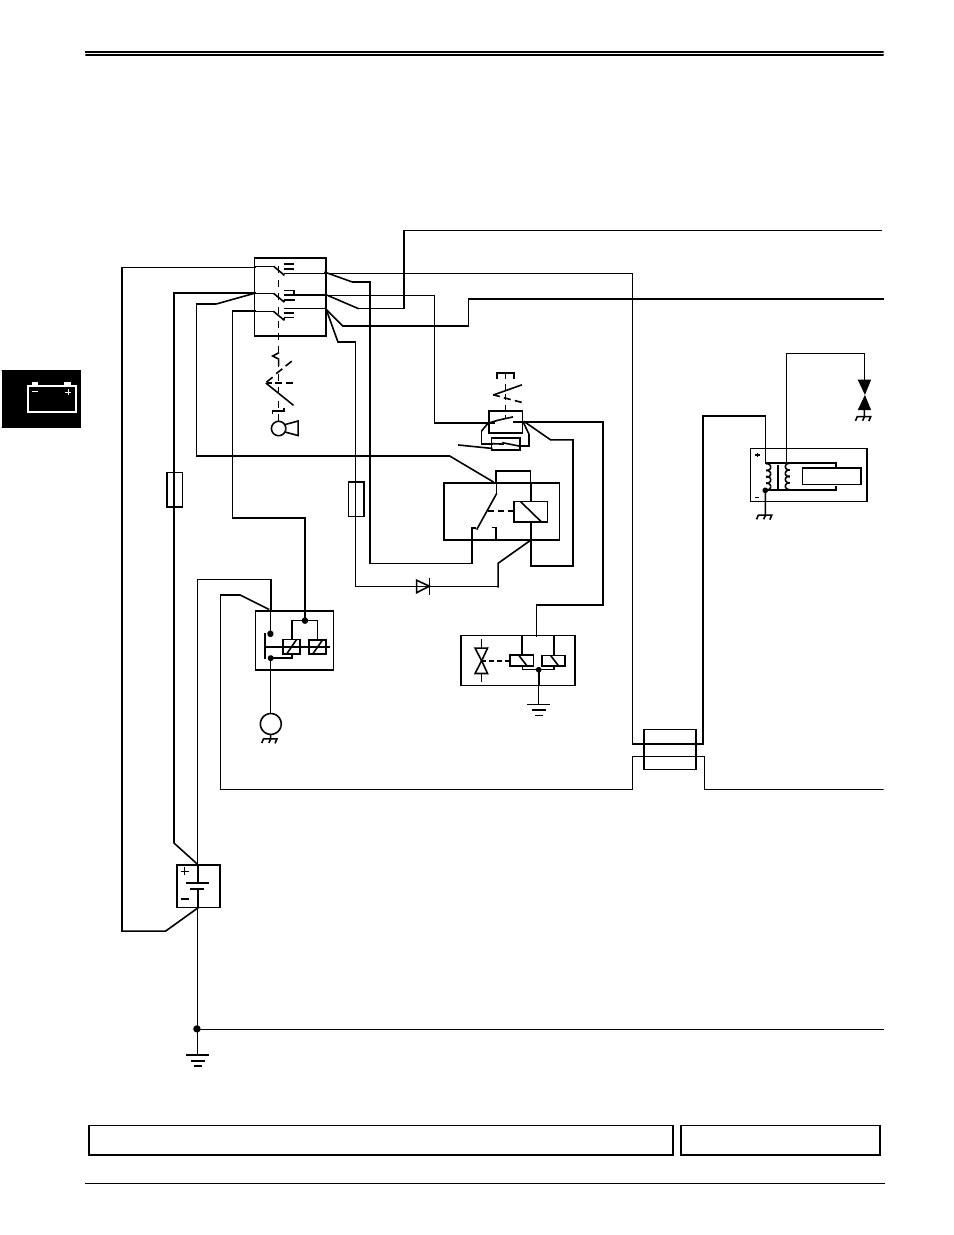 hight resolution of wiring schematics john deere stx38 user manual page 102 314wiring schematics john deere stx38 user manual